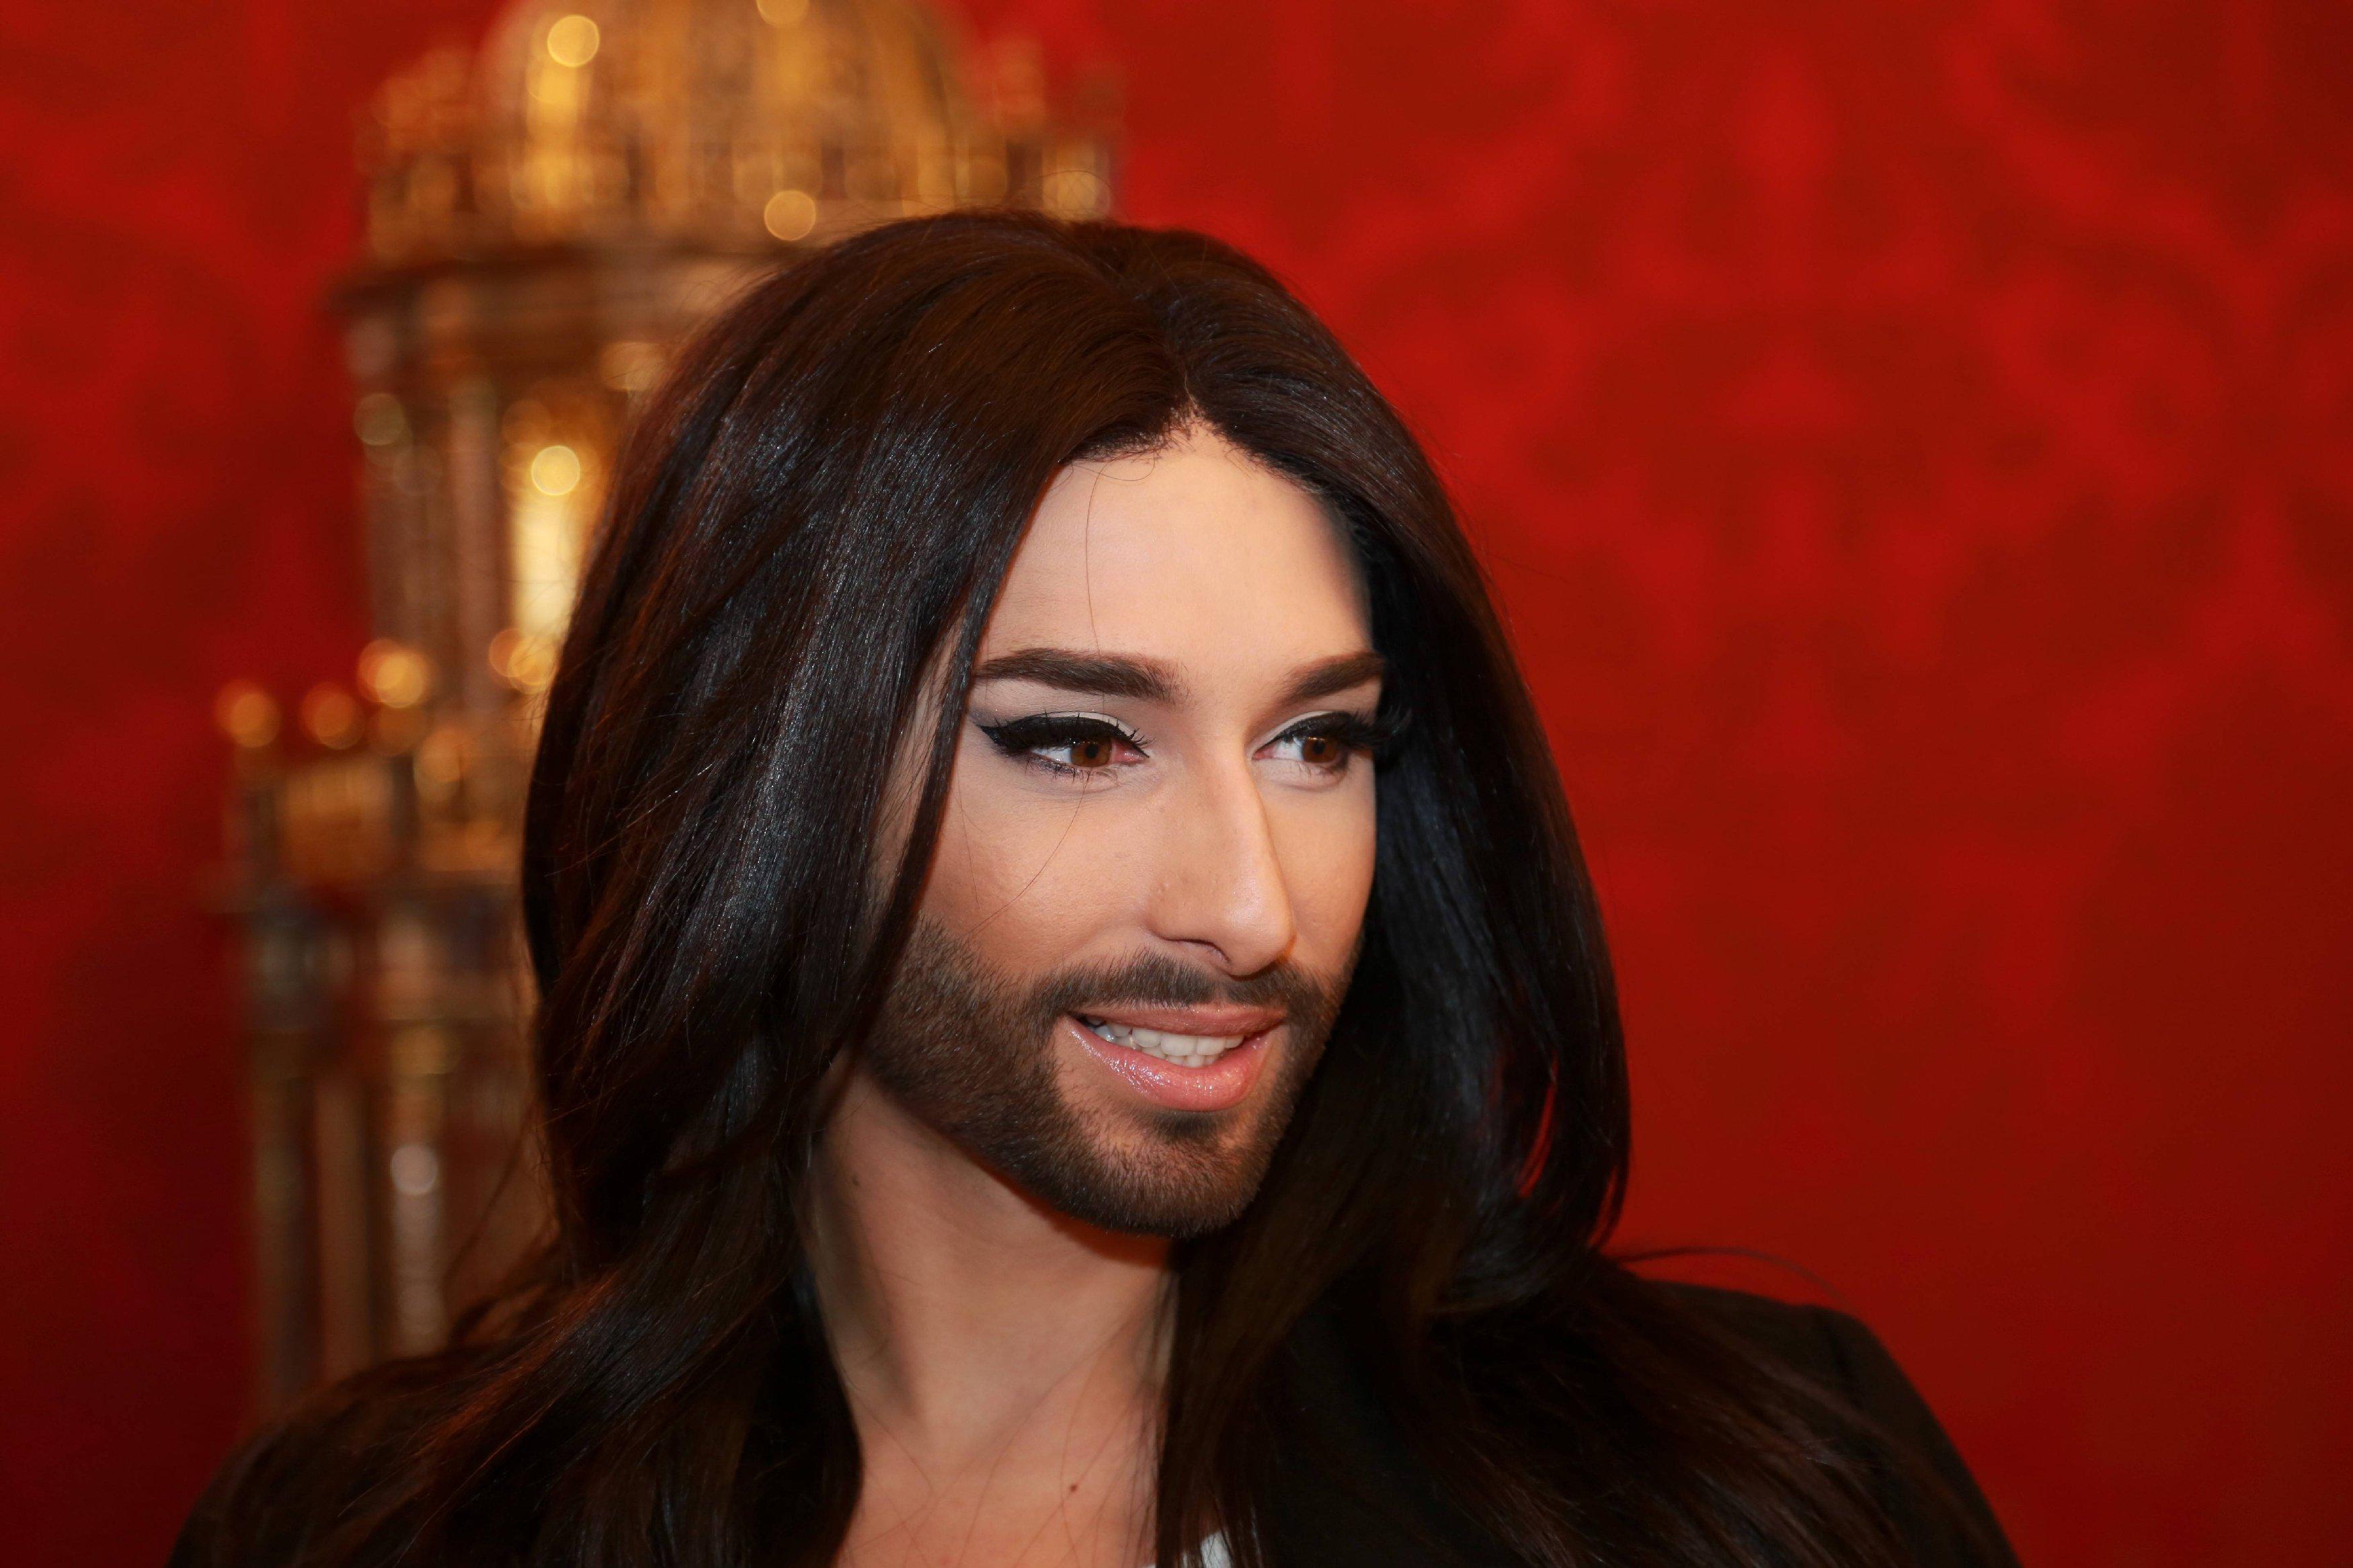 Трансвестит 2 и 2 гея 12 фотография